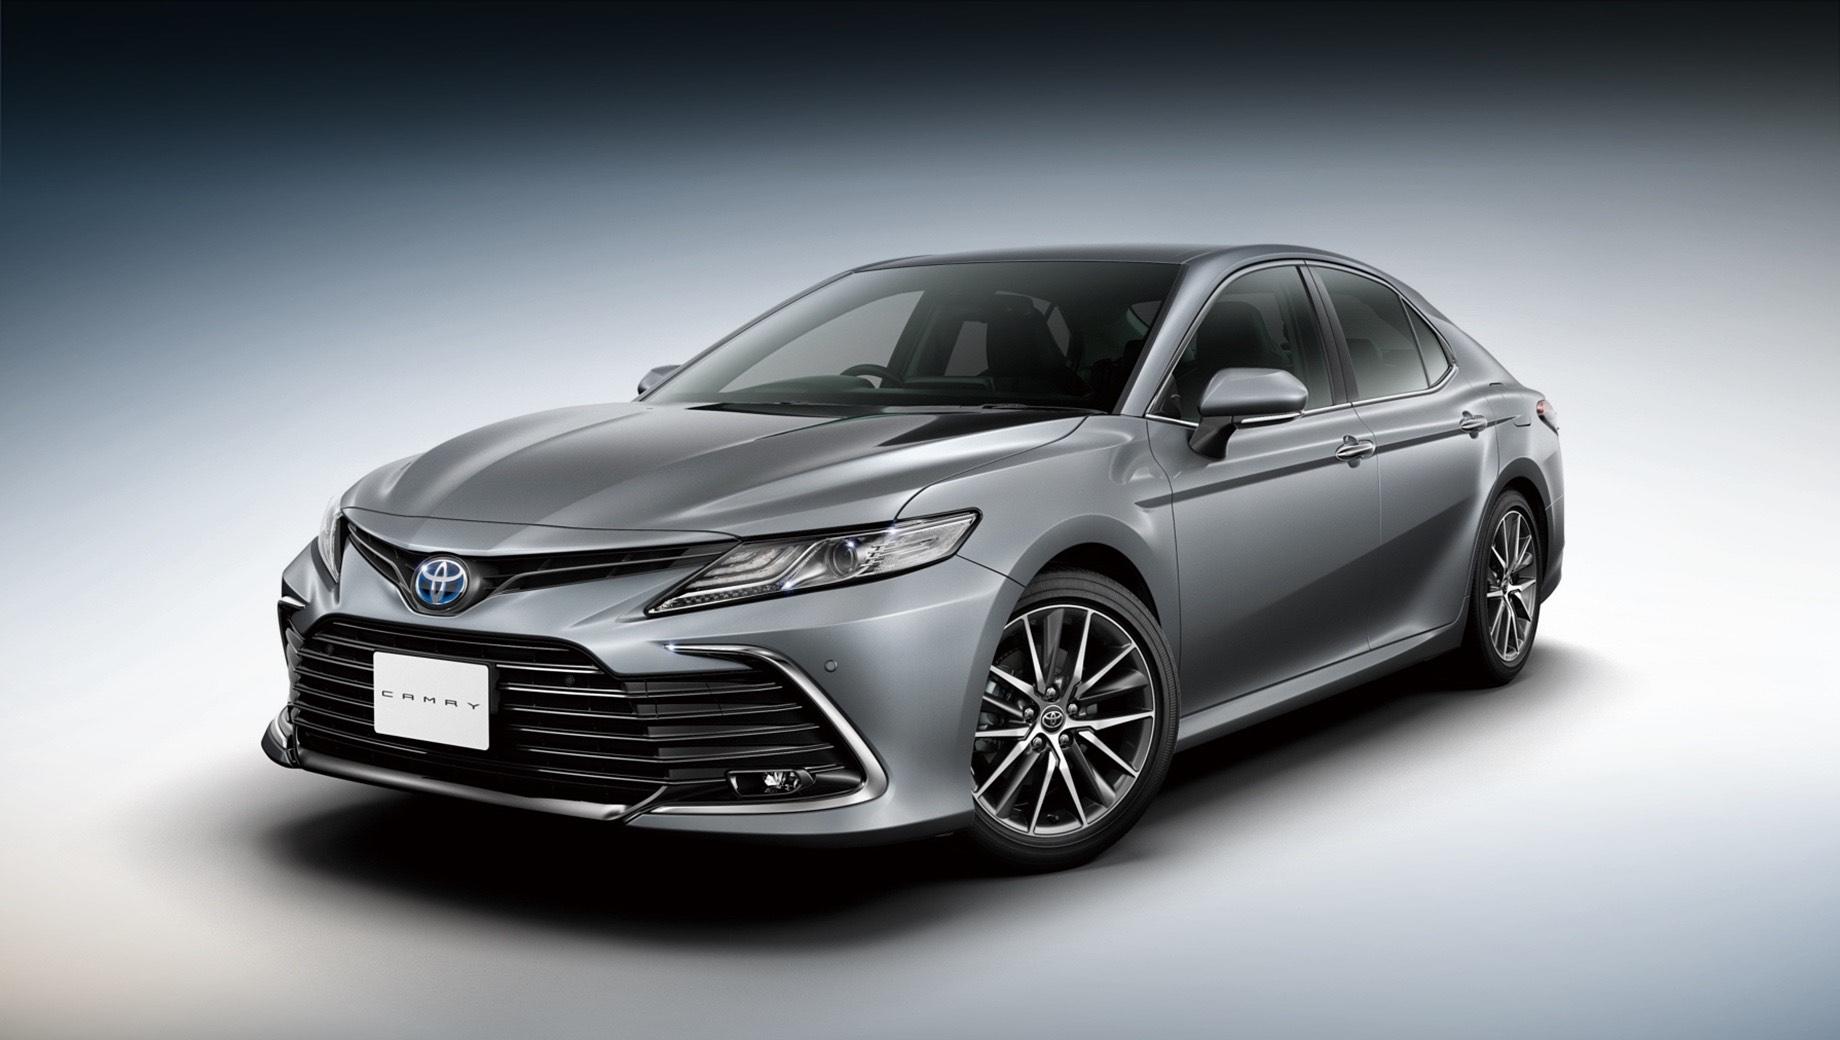 Японцам предложен обновлённый седан Toyota Camry